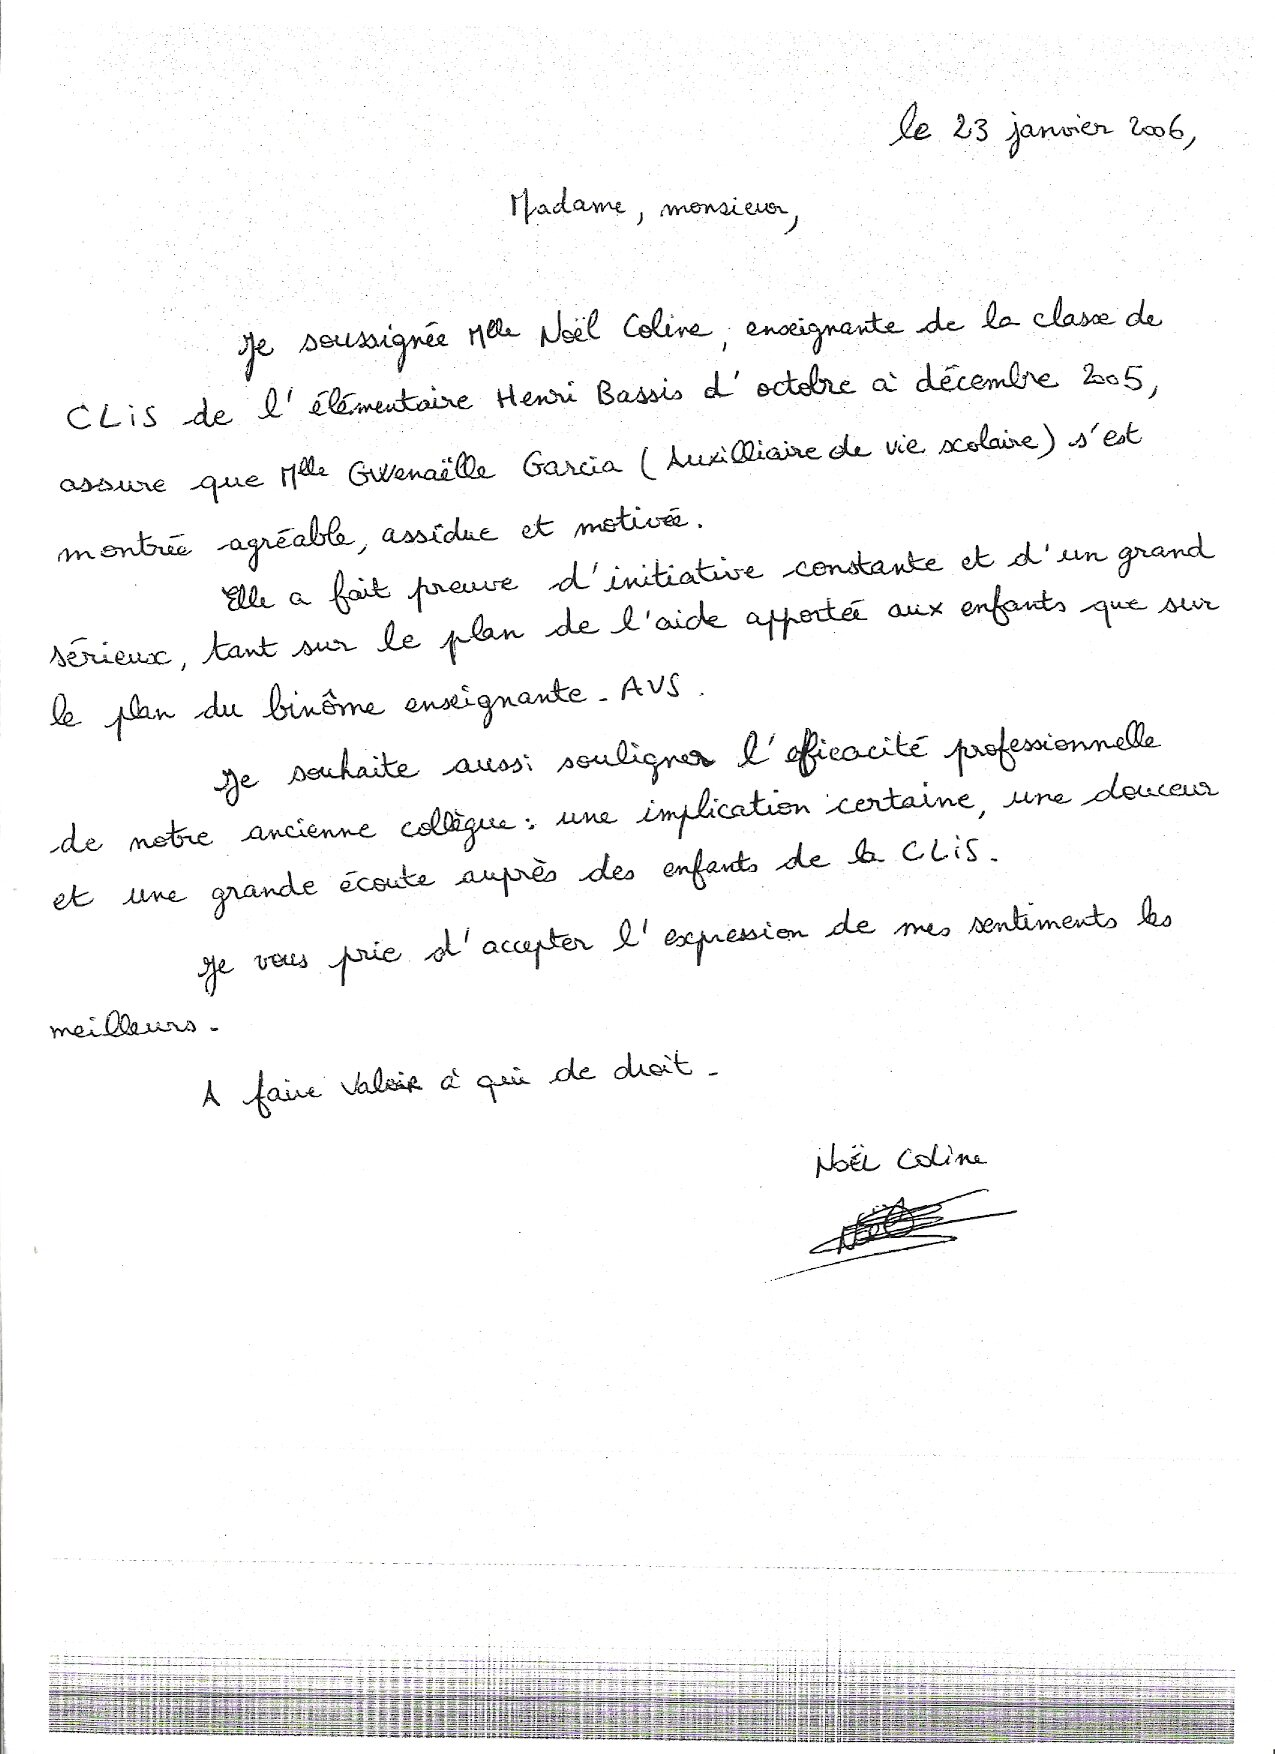 lettre de recommandation avs AVS en CLIS (groupe scolaire Henri Bassis de Champigny sur Marne  lettre de recommandation avs